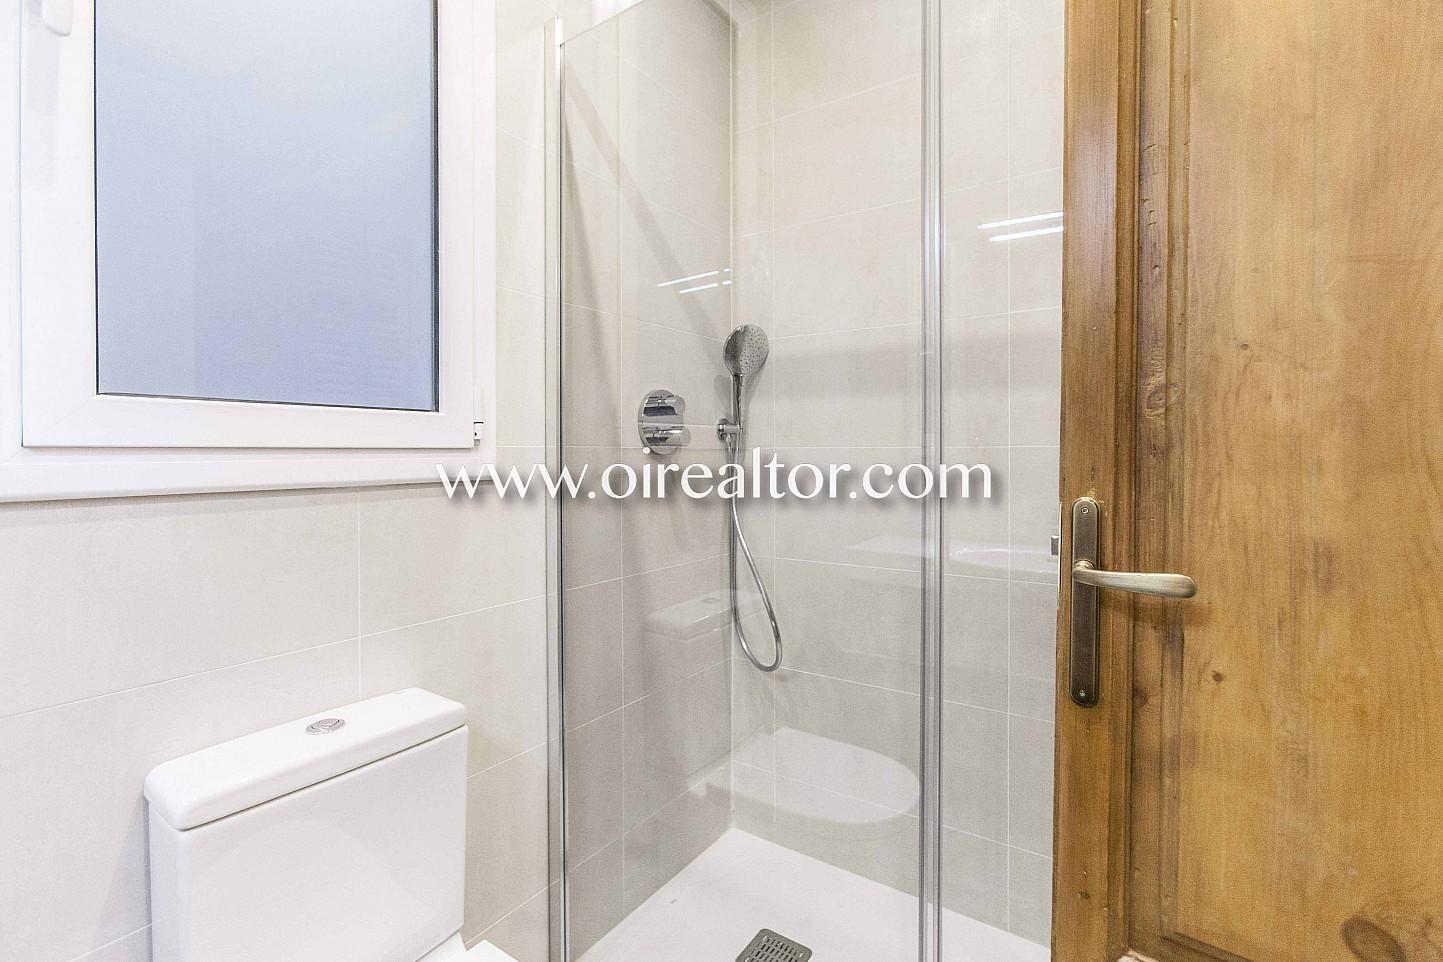 baño, baño con ducha, ducha, baño completo,